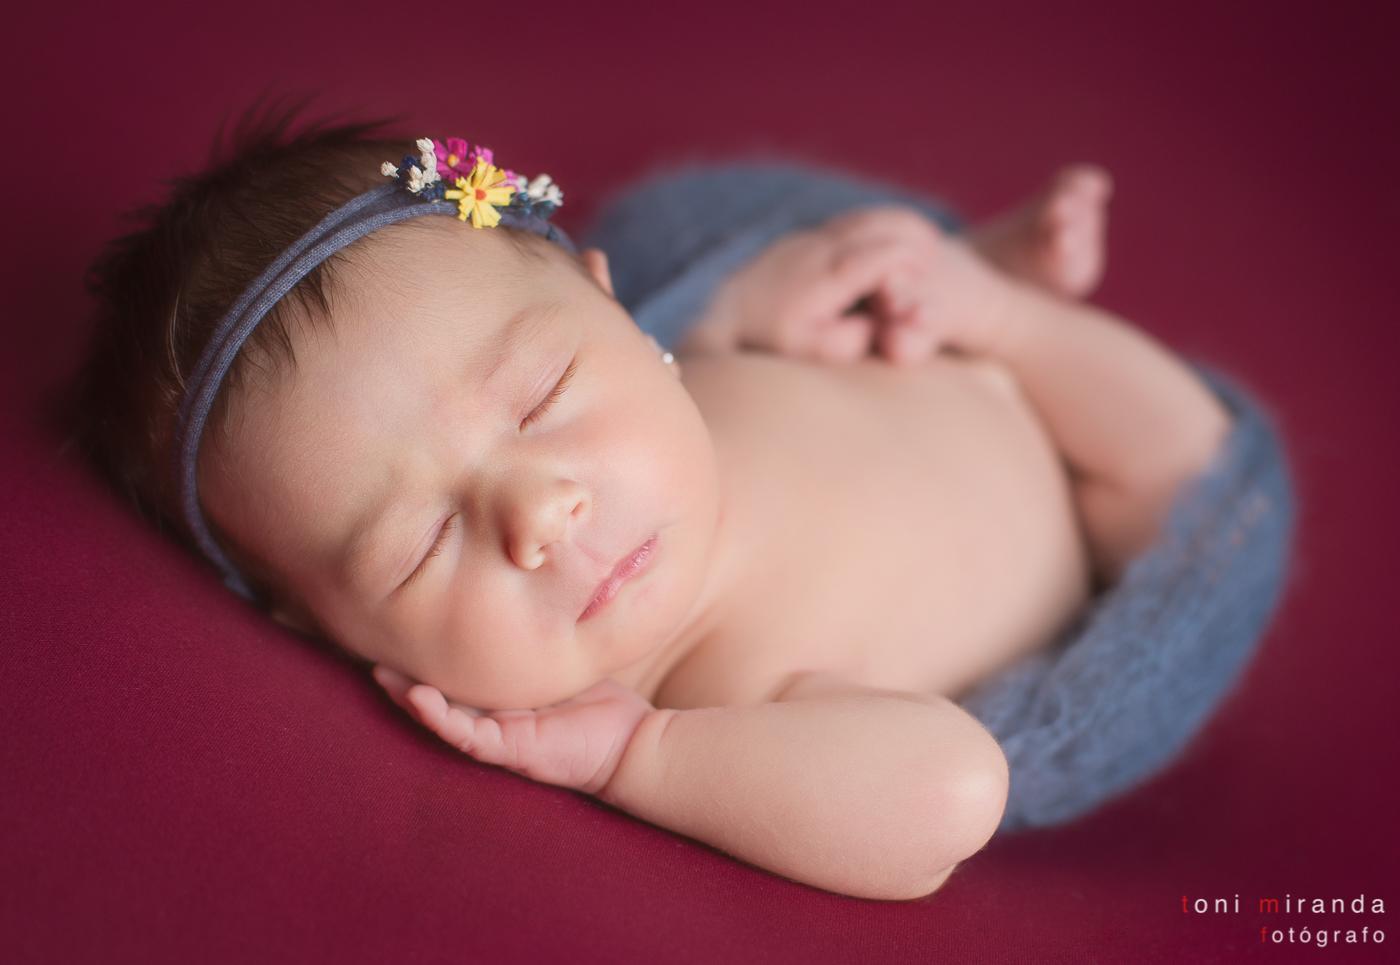 bebe durmiendo flores en el pelo